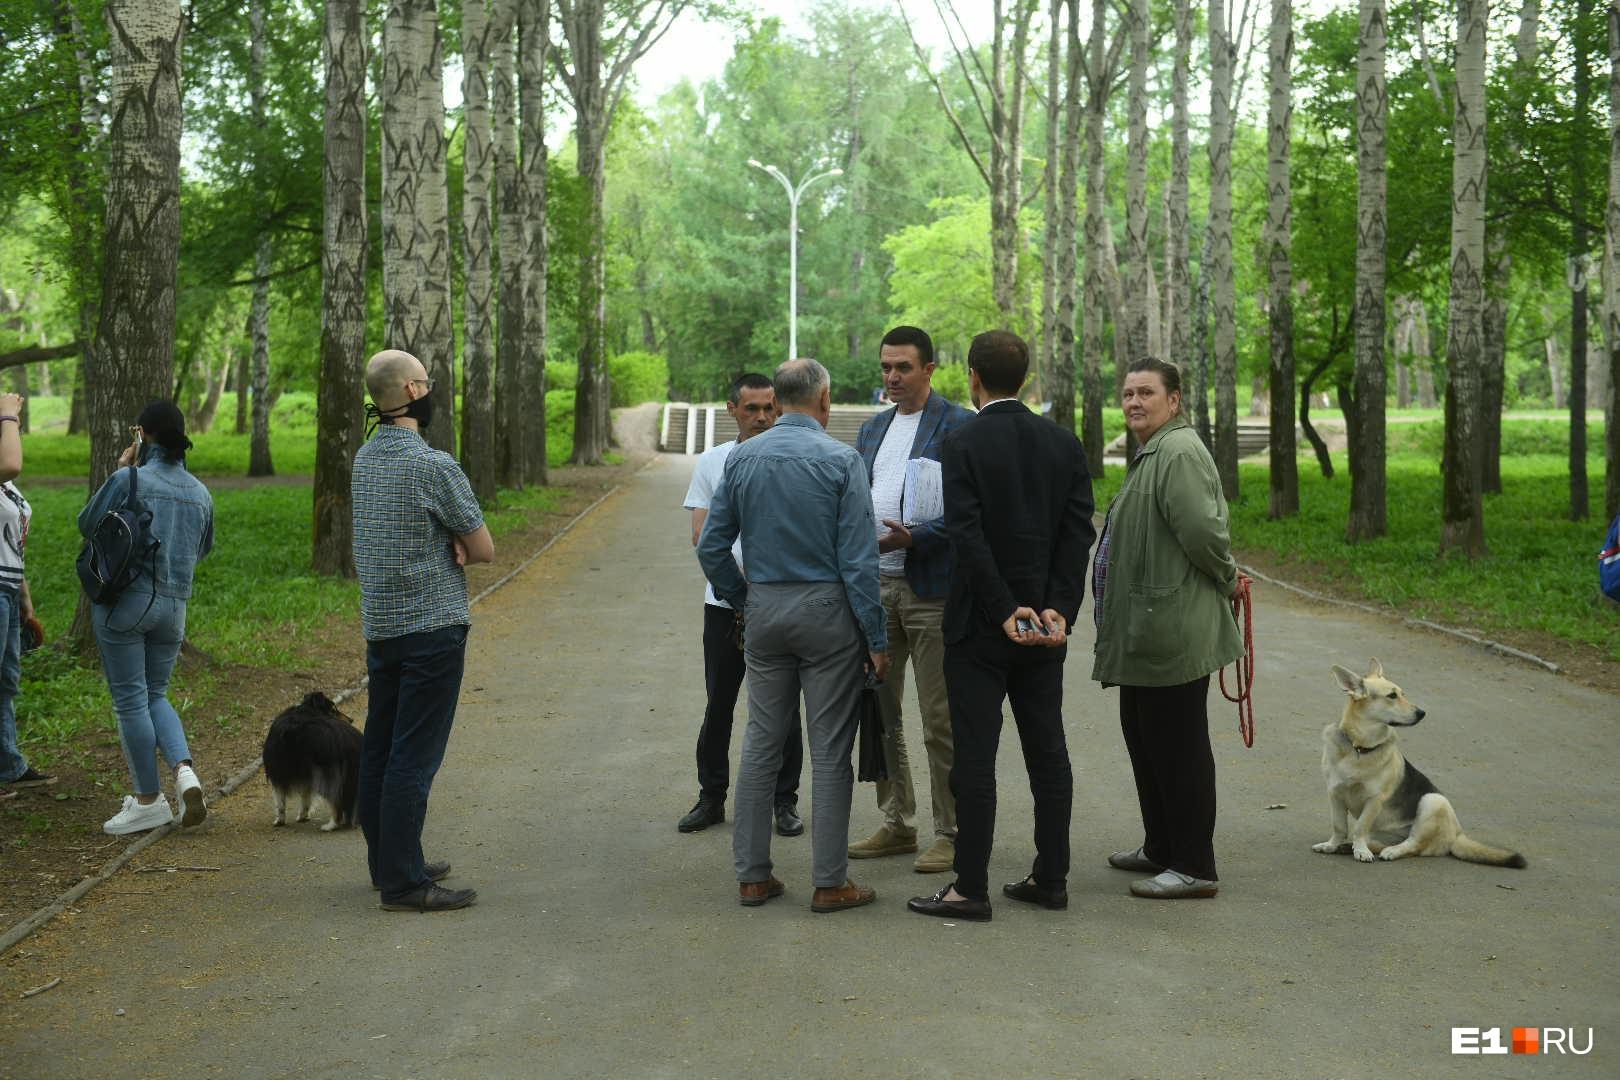 Владельцы собак просят перенести площадку для выгула ближе к Верх-Исетскому бульвару